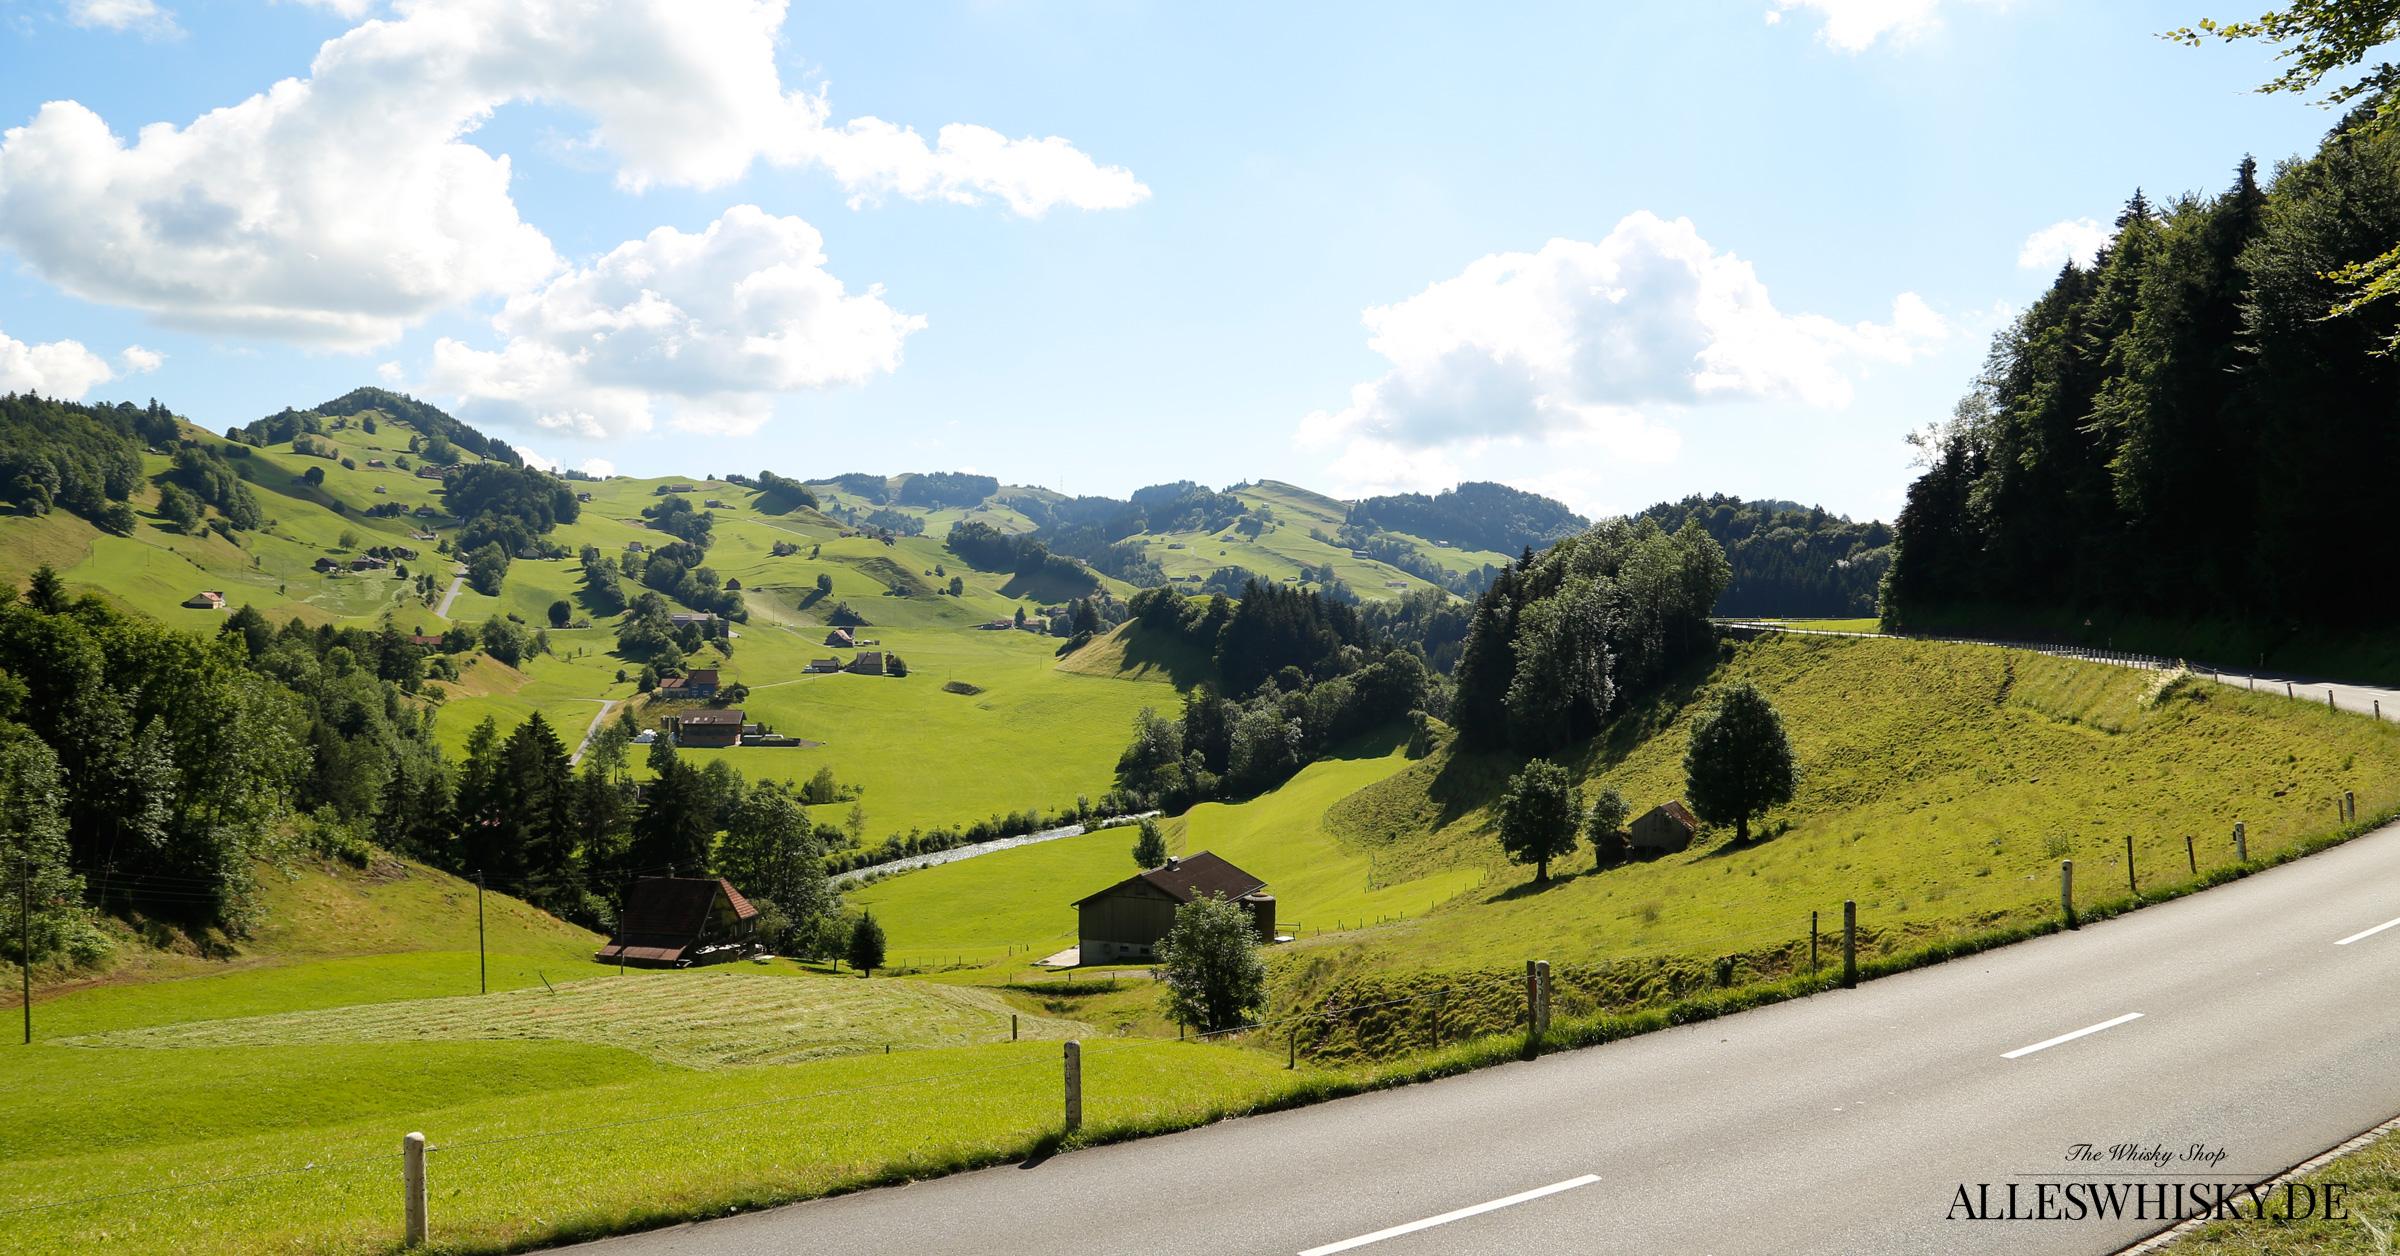 Wunderschöne Appenzeller Hügellandschaft